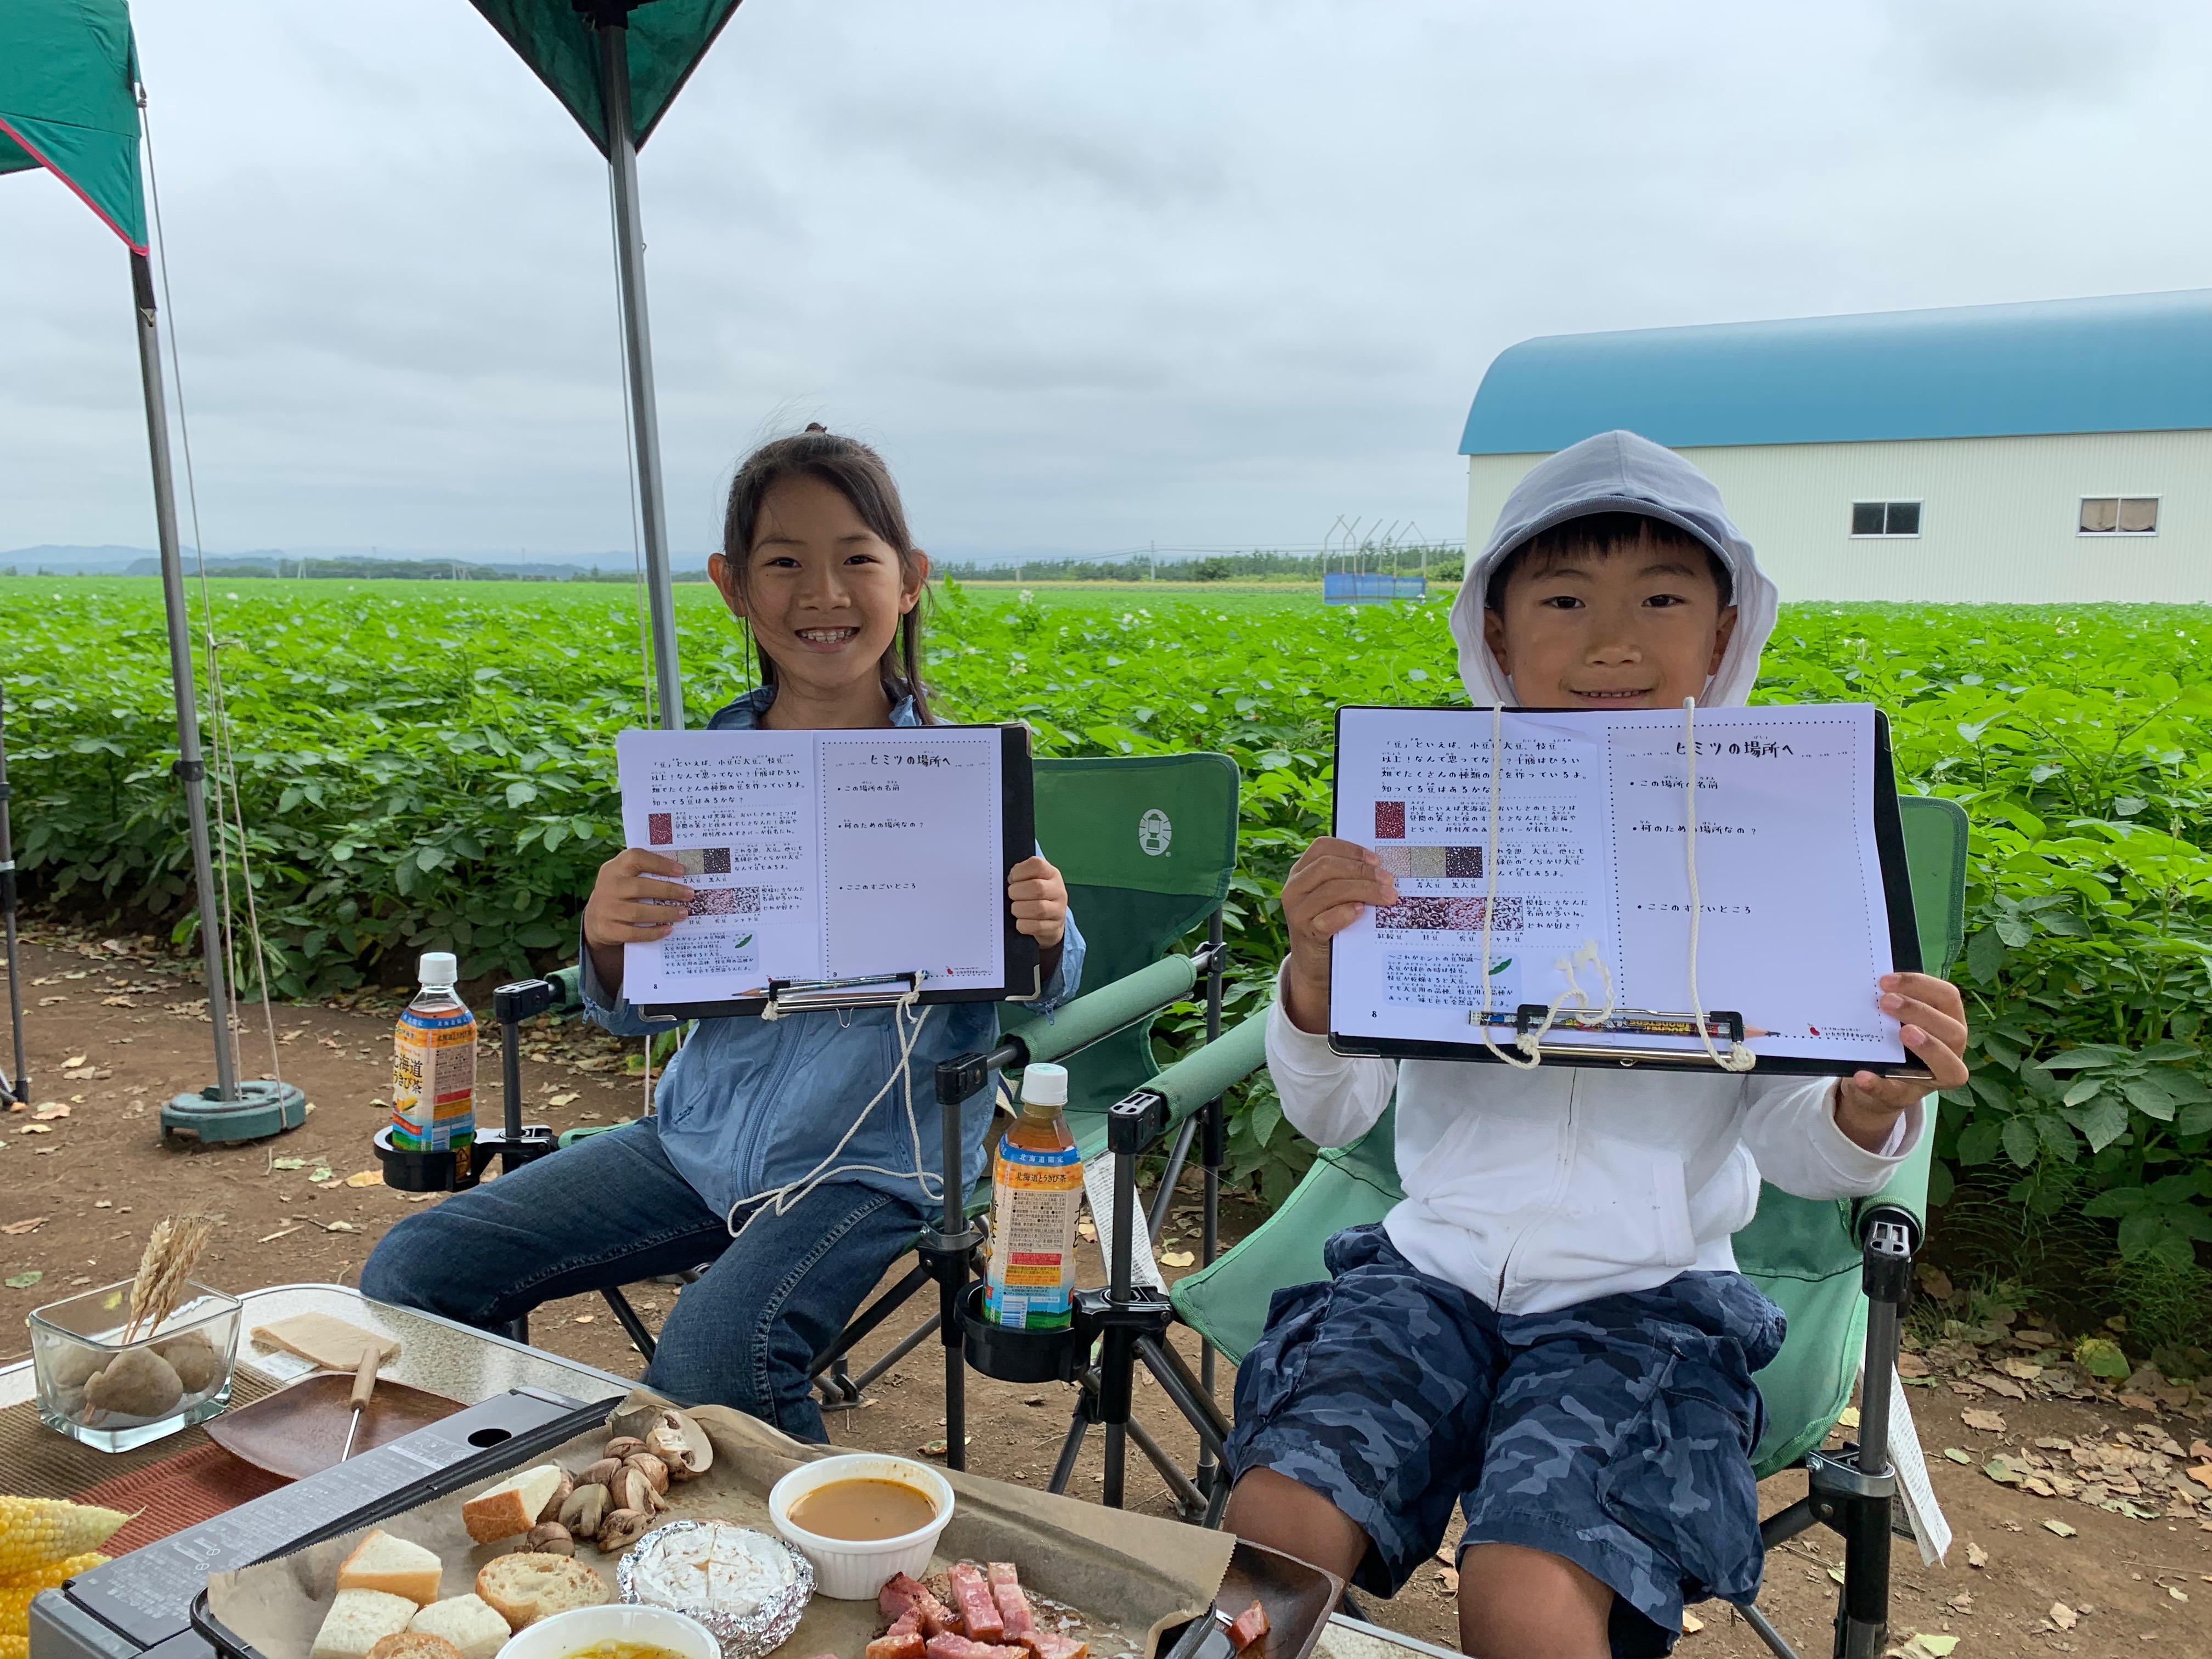 農場ピクニック〜自由研究プラン